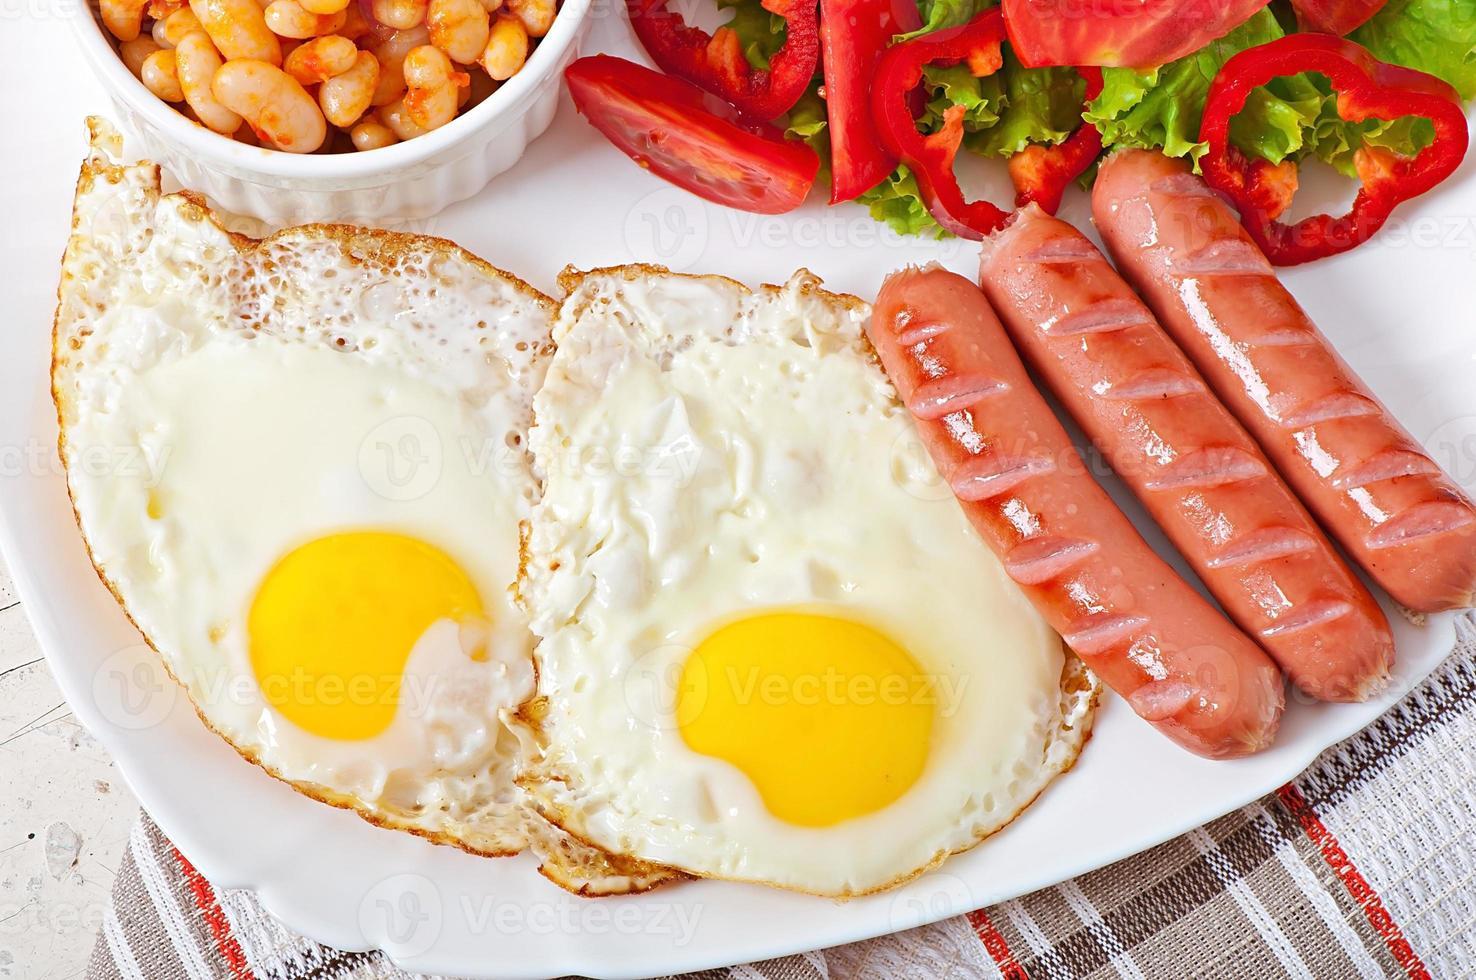 café da manhã inglês - salsichas, ovos, feijão e salada foto